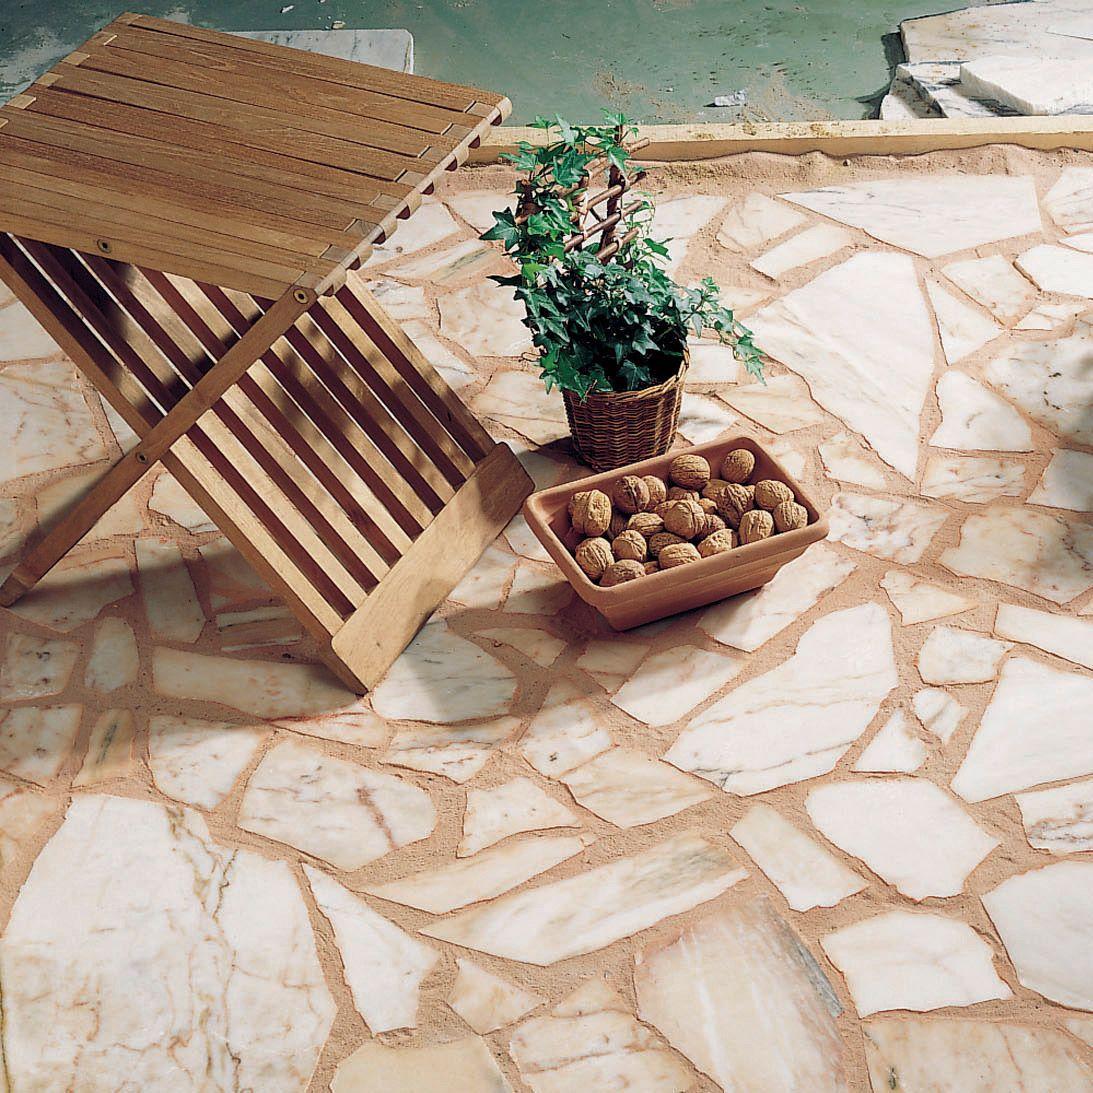 Comment Nettoyer Le Marbre Exterieur terrasse en pierre : prix au m2 achat et pose de pierres